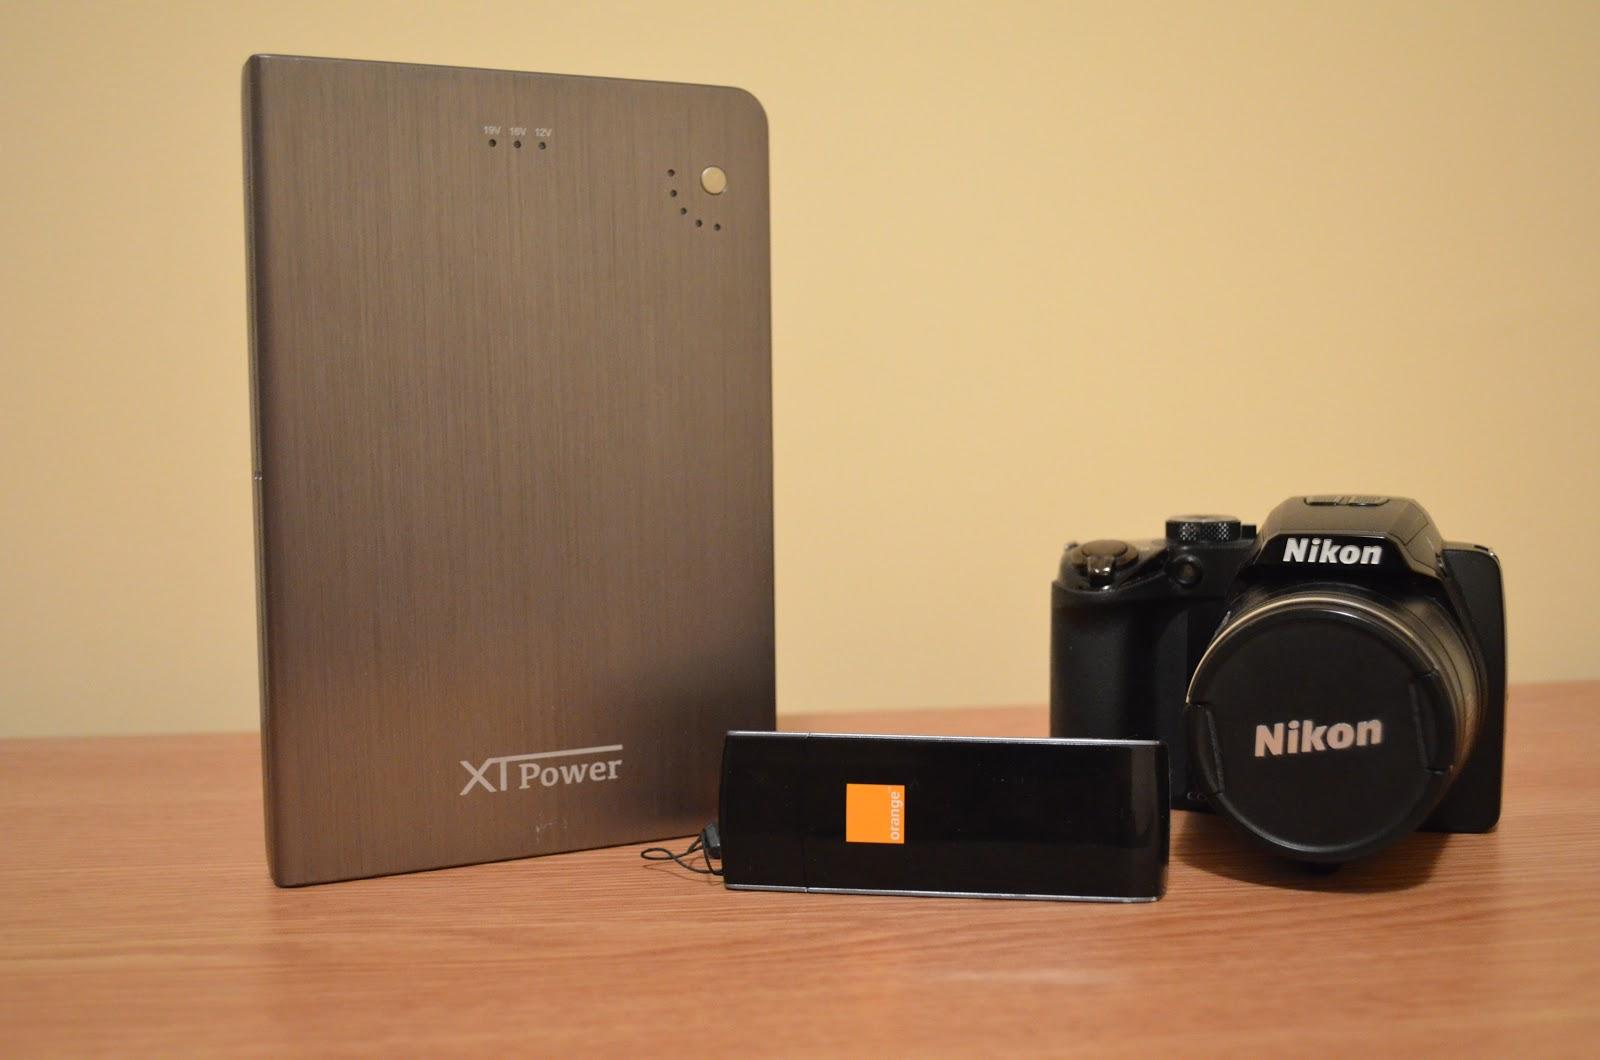 Baterie externă XTPower de 24.000 mAh, Nikon Coolpix P100 si Modem LTE Orange